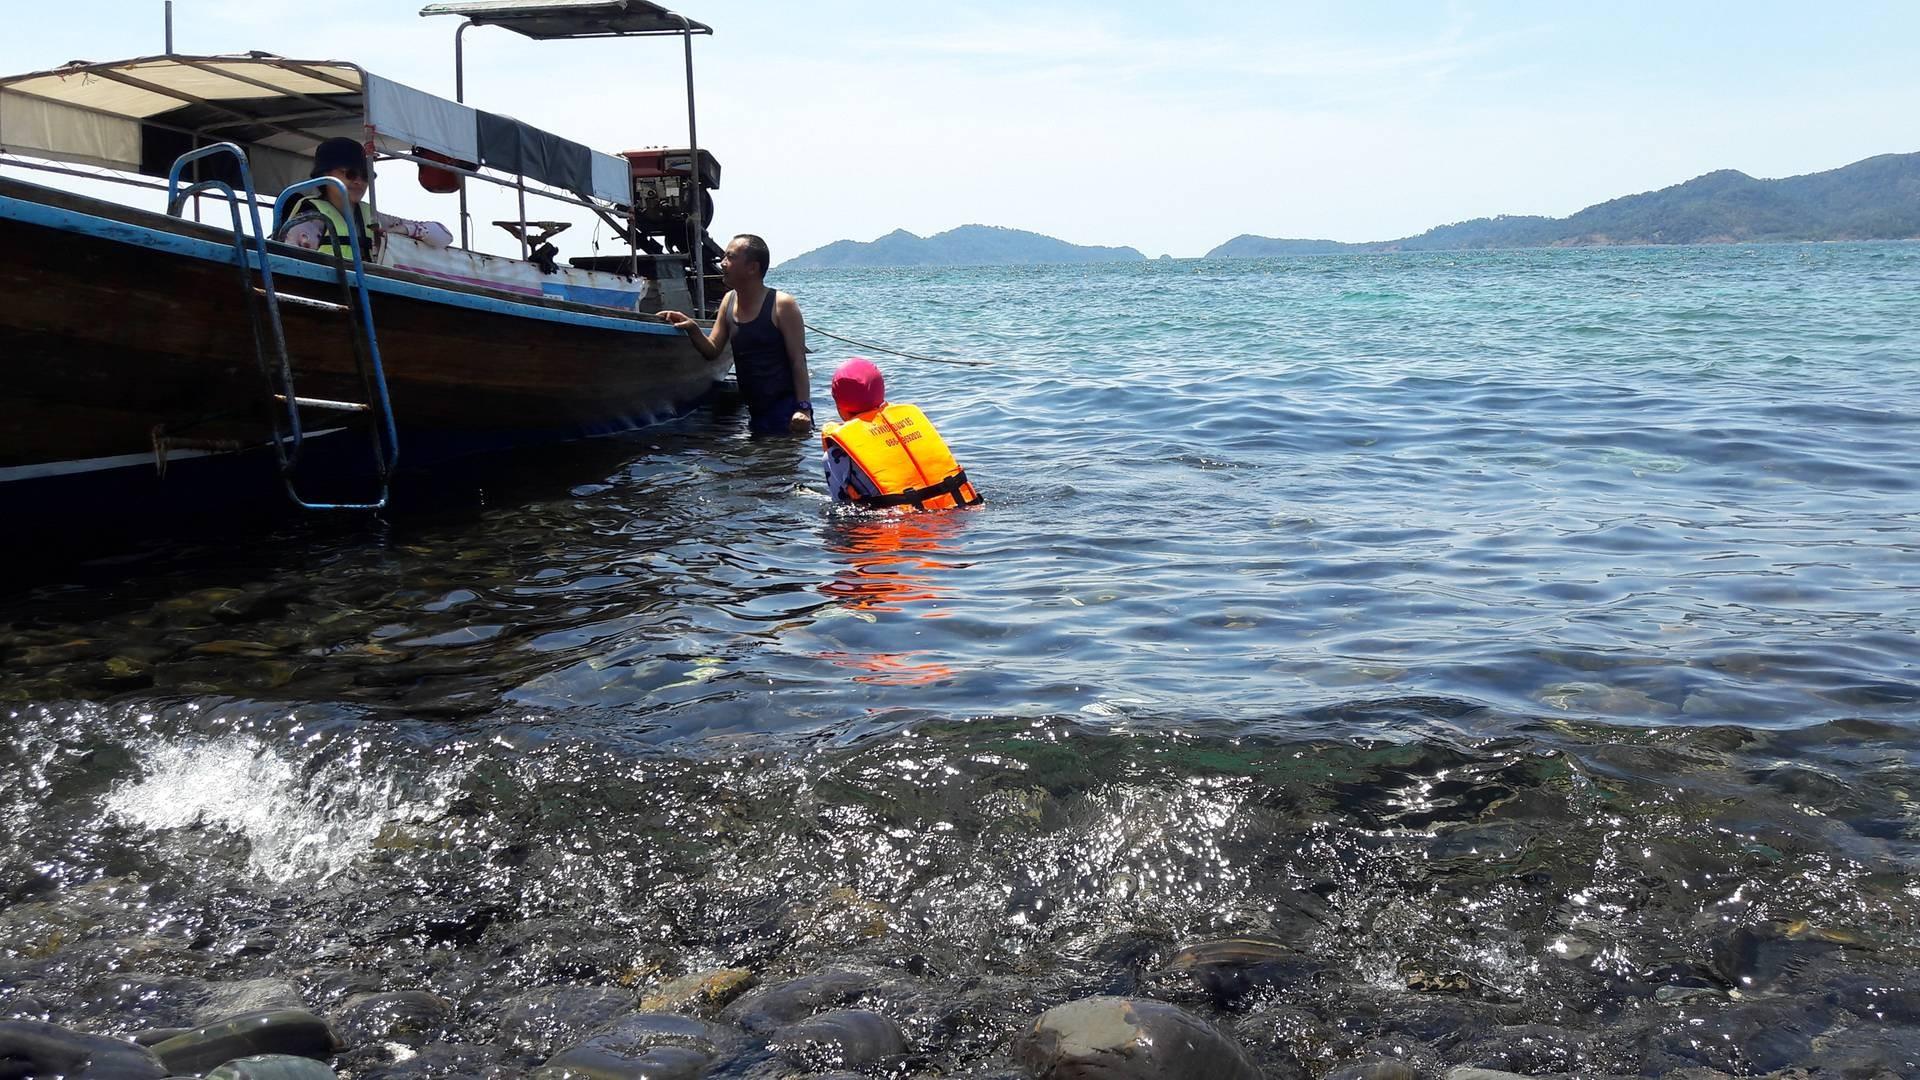 บริเวณรอบเกาะหินสวย น้ำใส